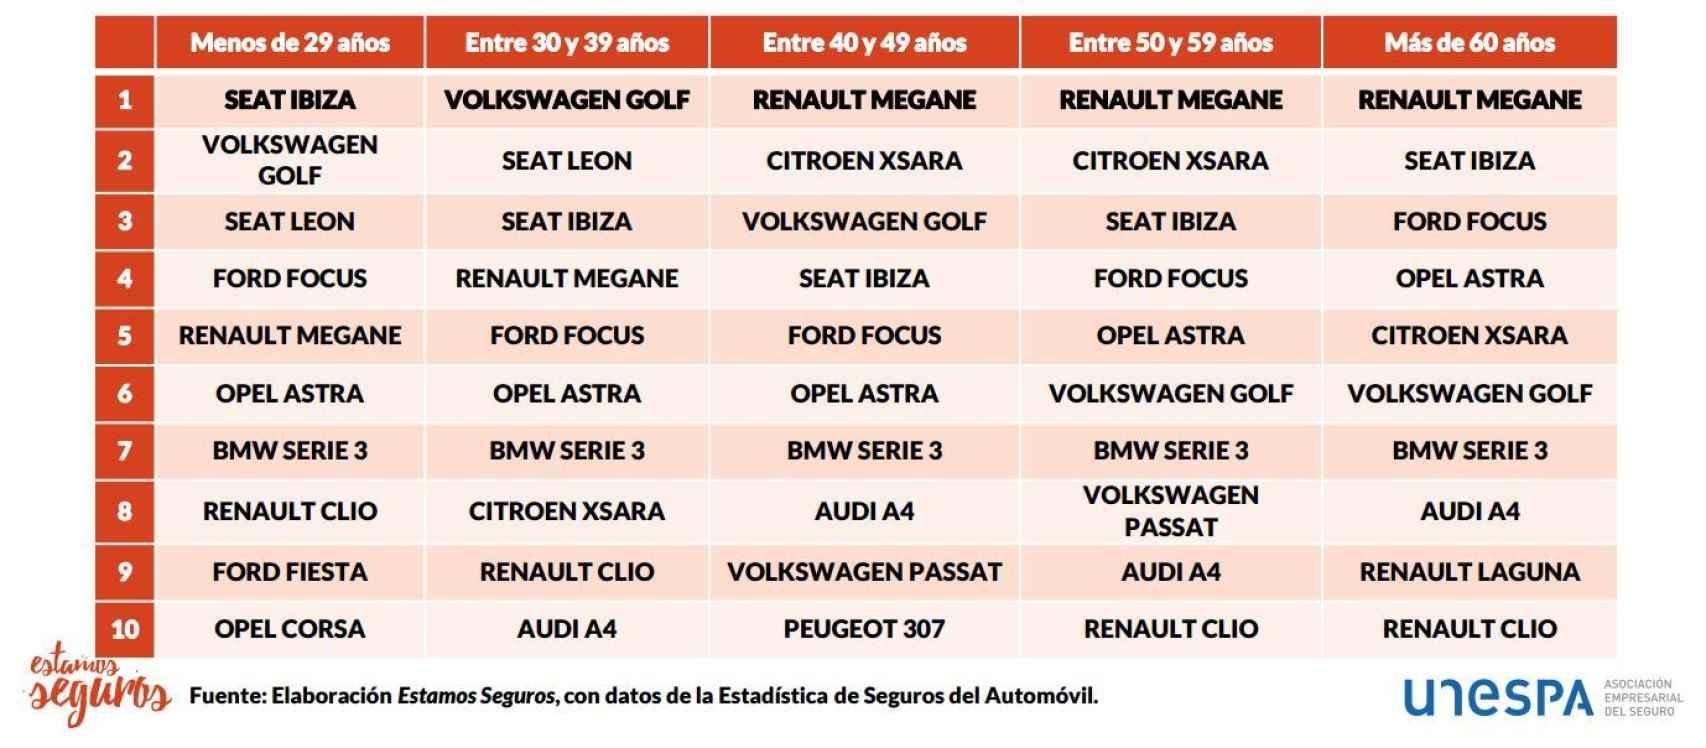 Evolución de los coches más extendidos según el modelo de vehículo y la edad del conductor.